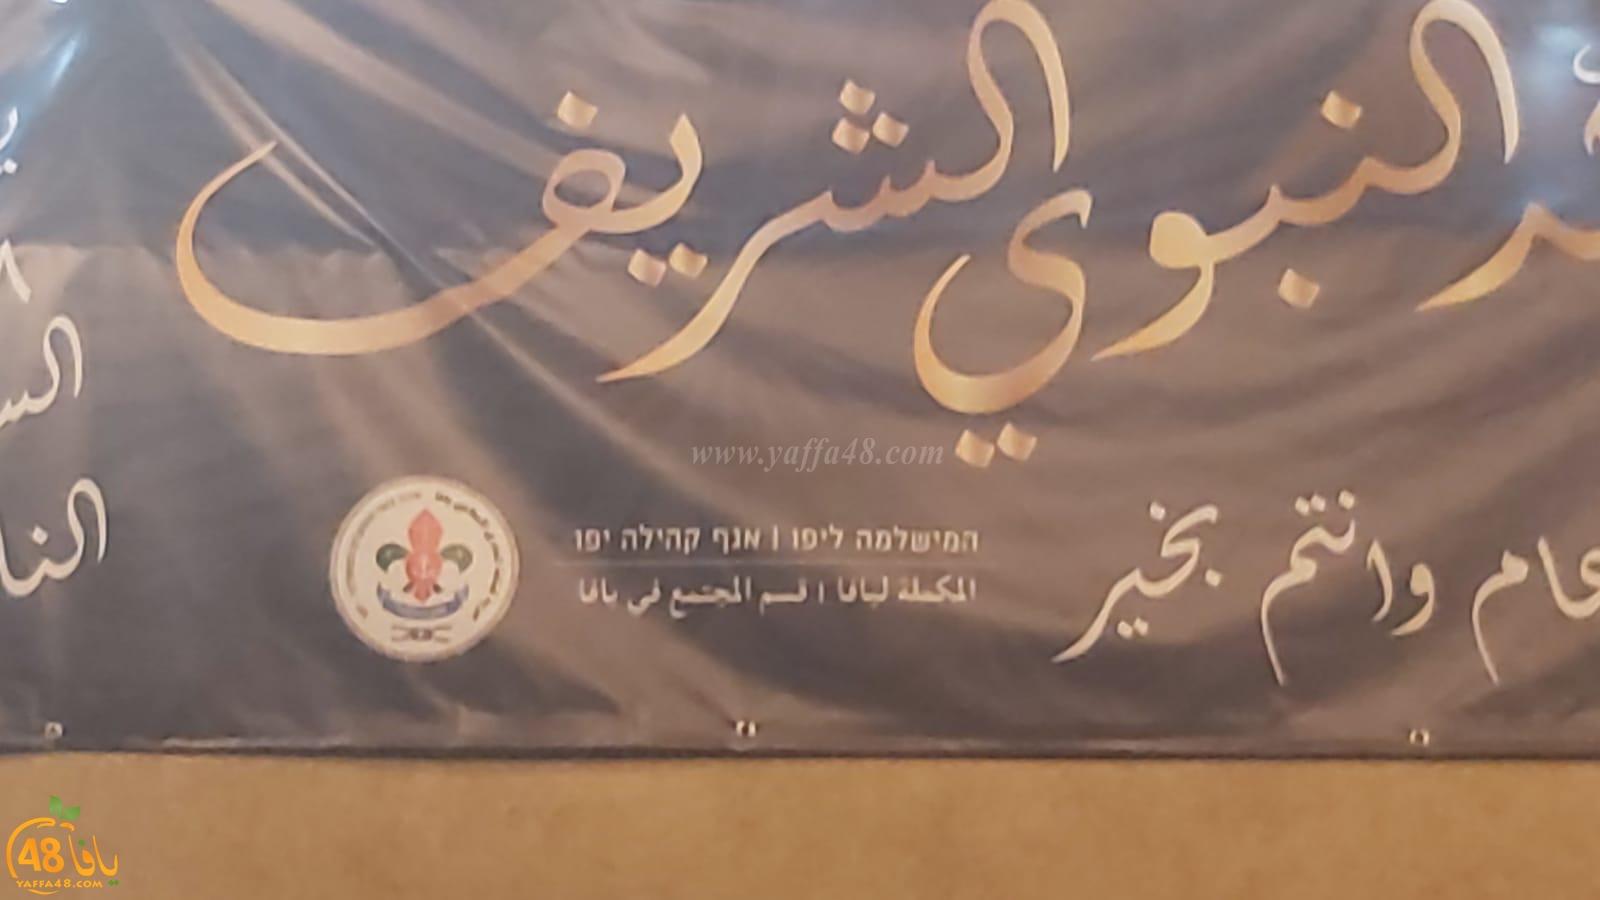 بالفيديو: سرية كشاف النادي الإسلامي تحتفل بذكرى المولد النبوي الشريف